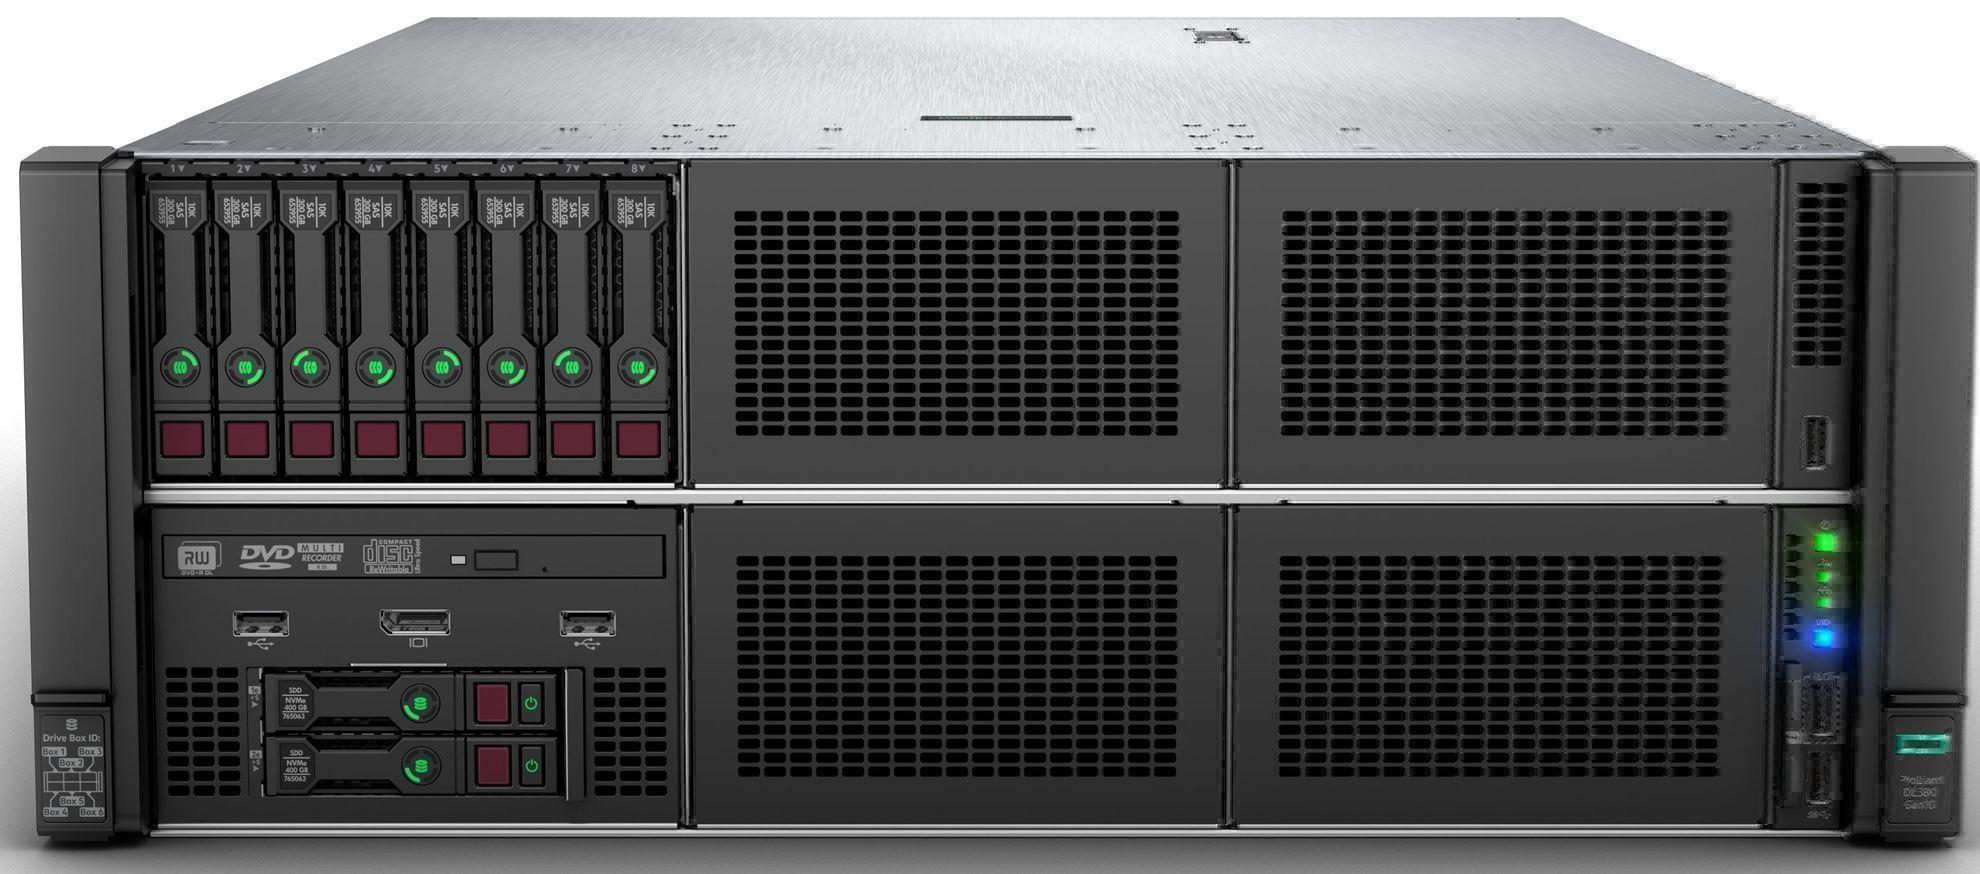 ml350 gen10 service manual